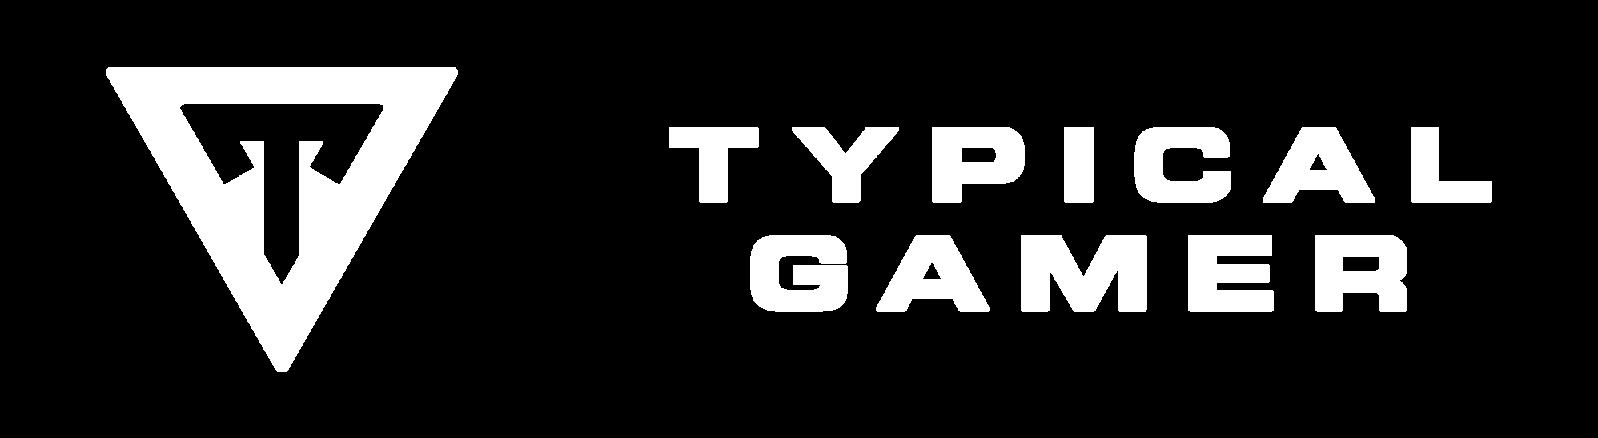 Typical Gamer logo